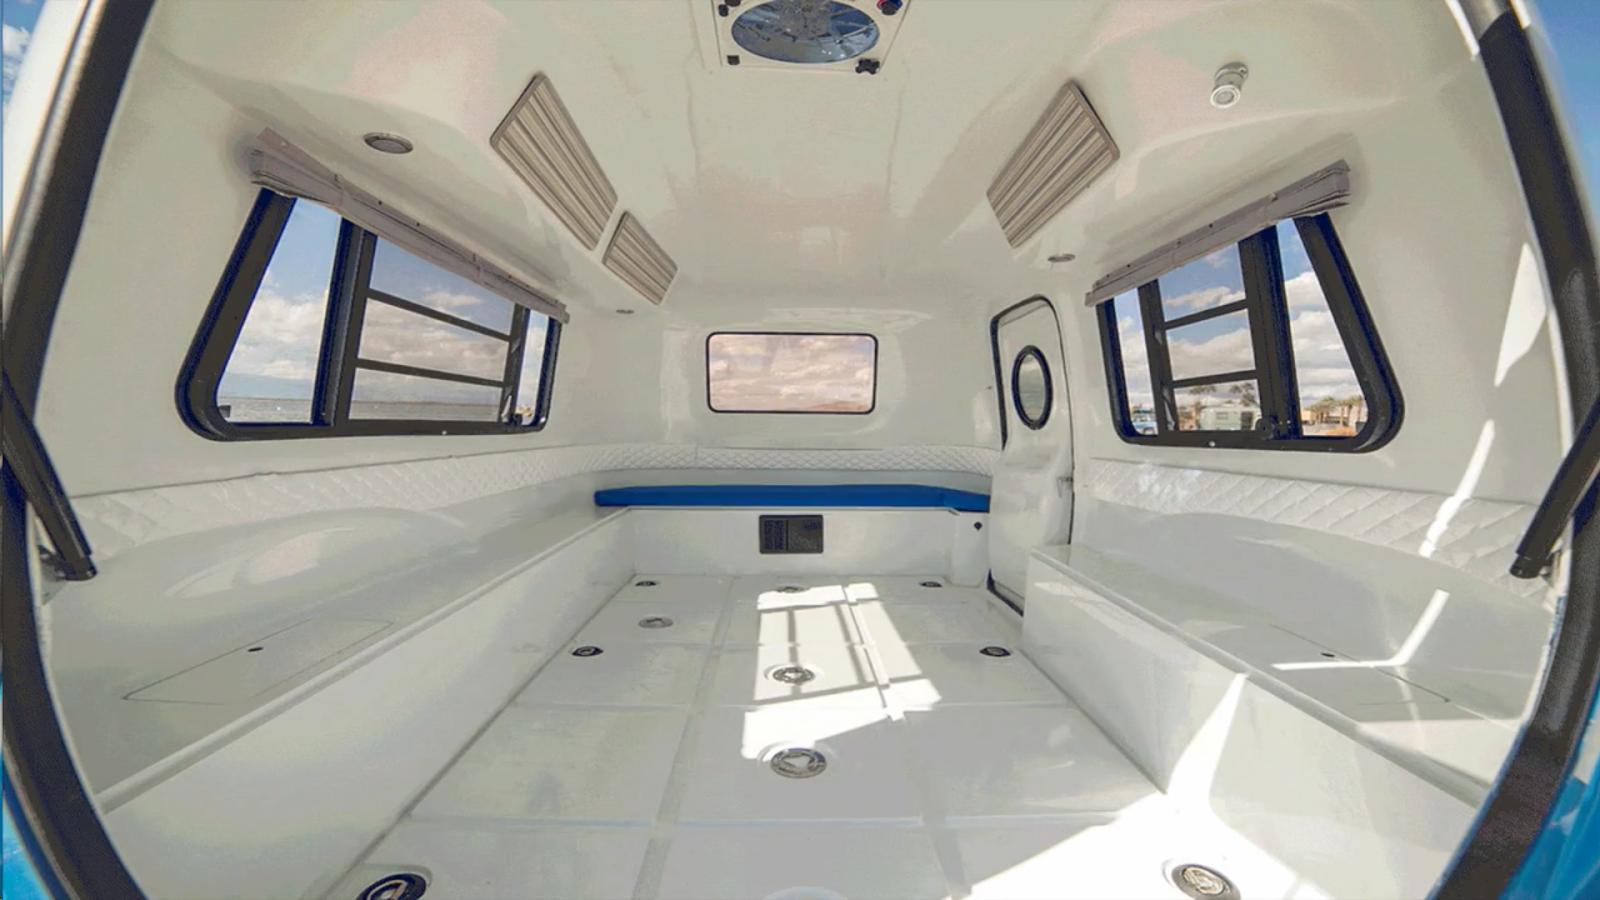 compacto y su estilo clasico por fuera y muy moderno en el interior